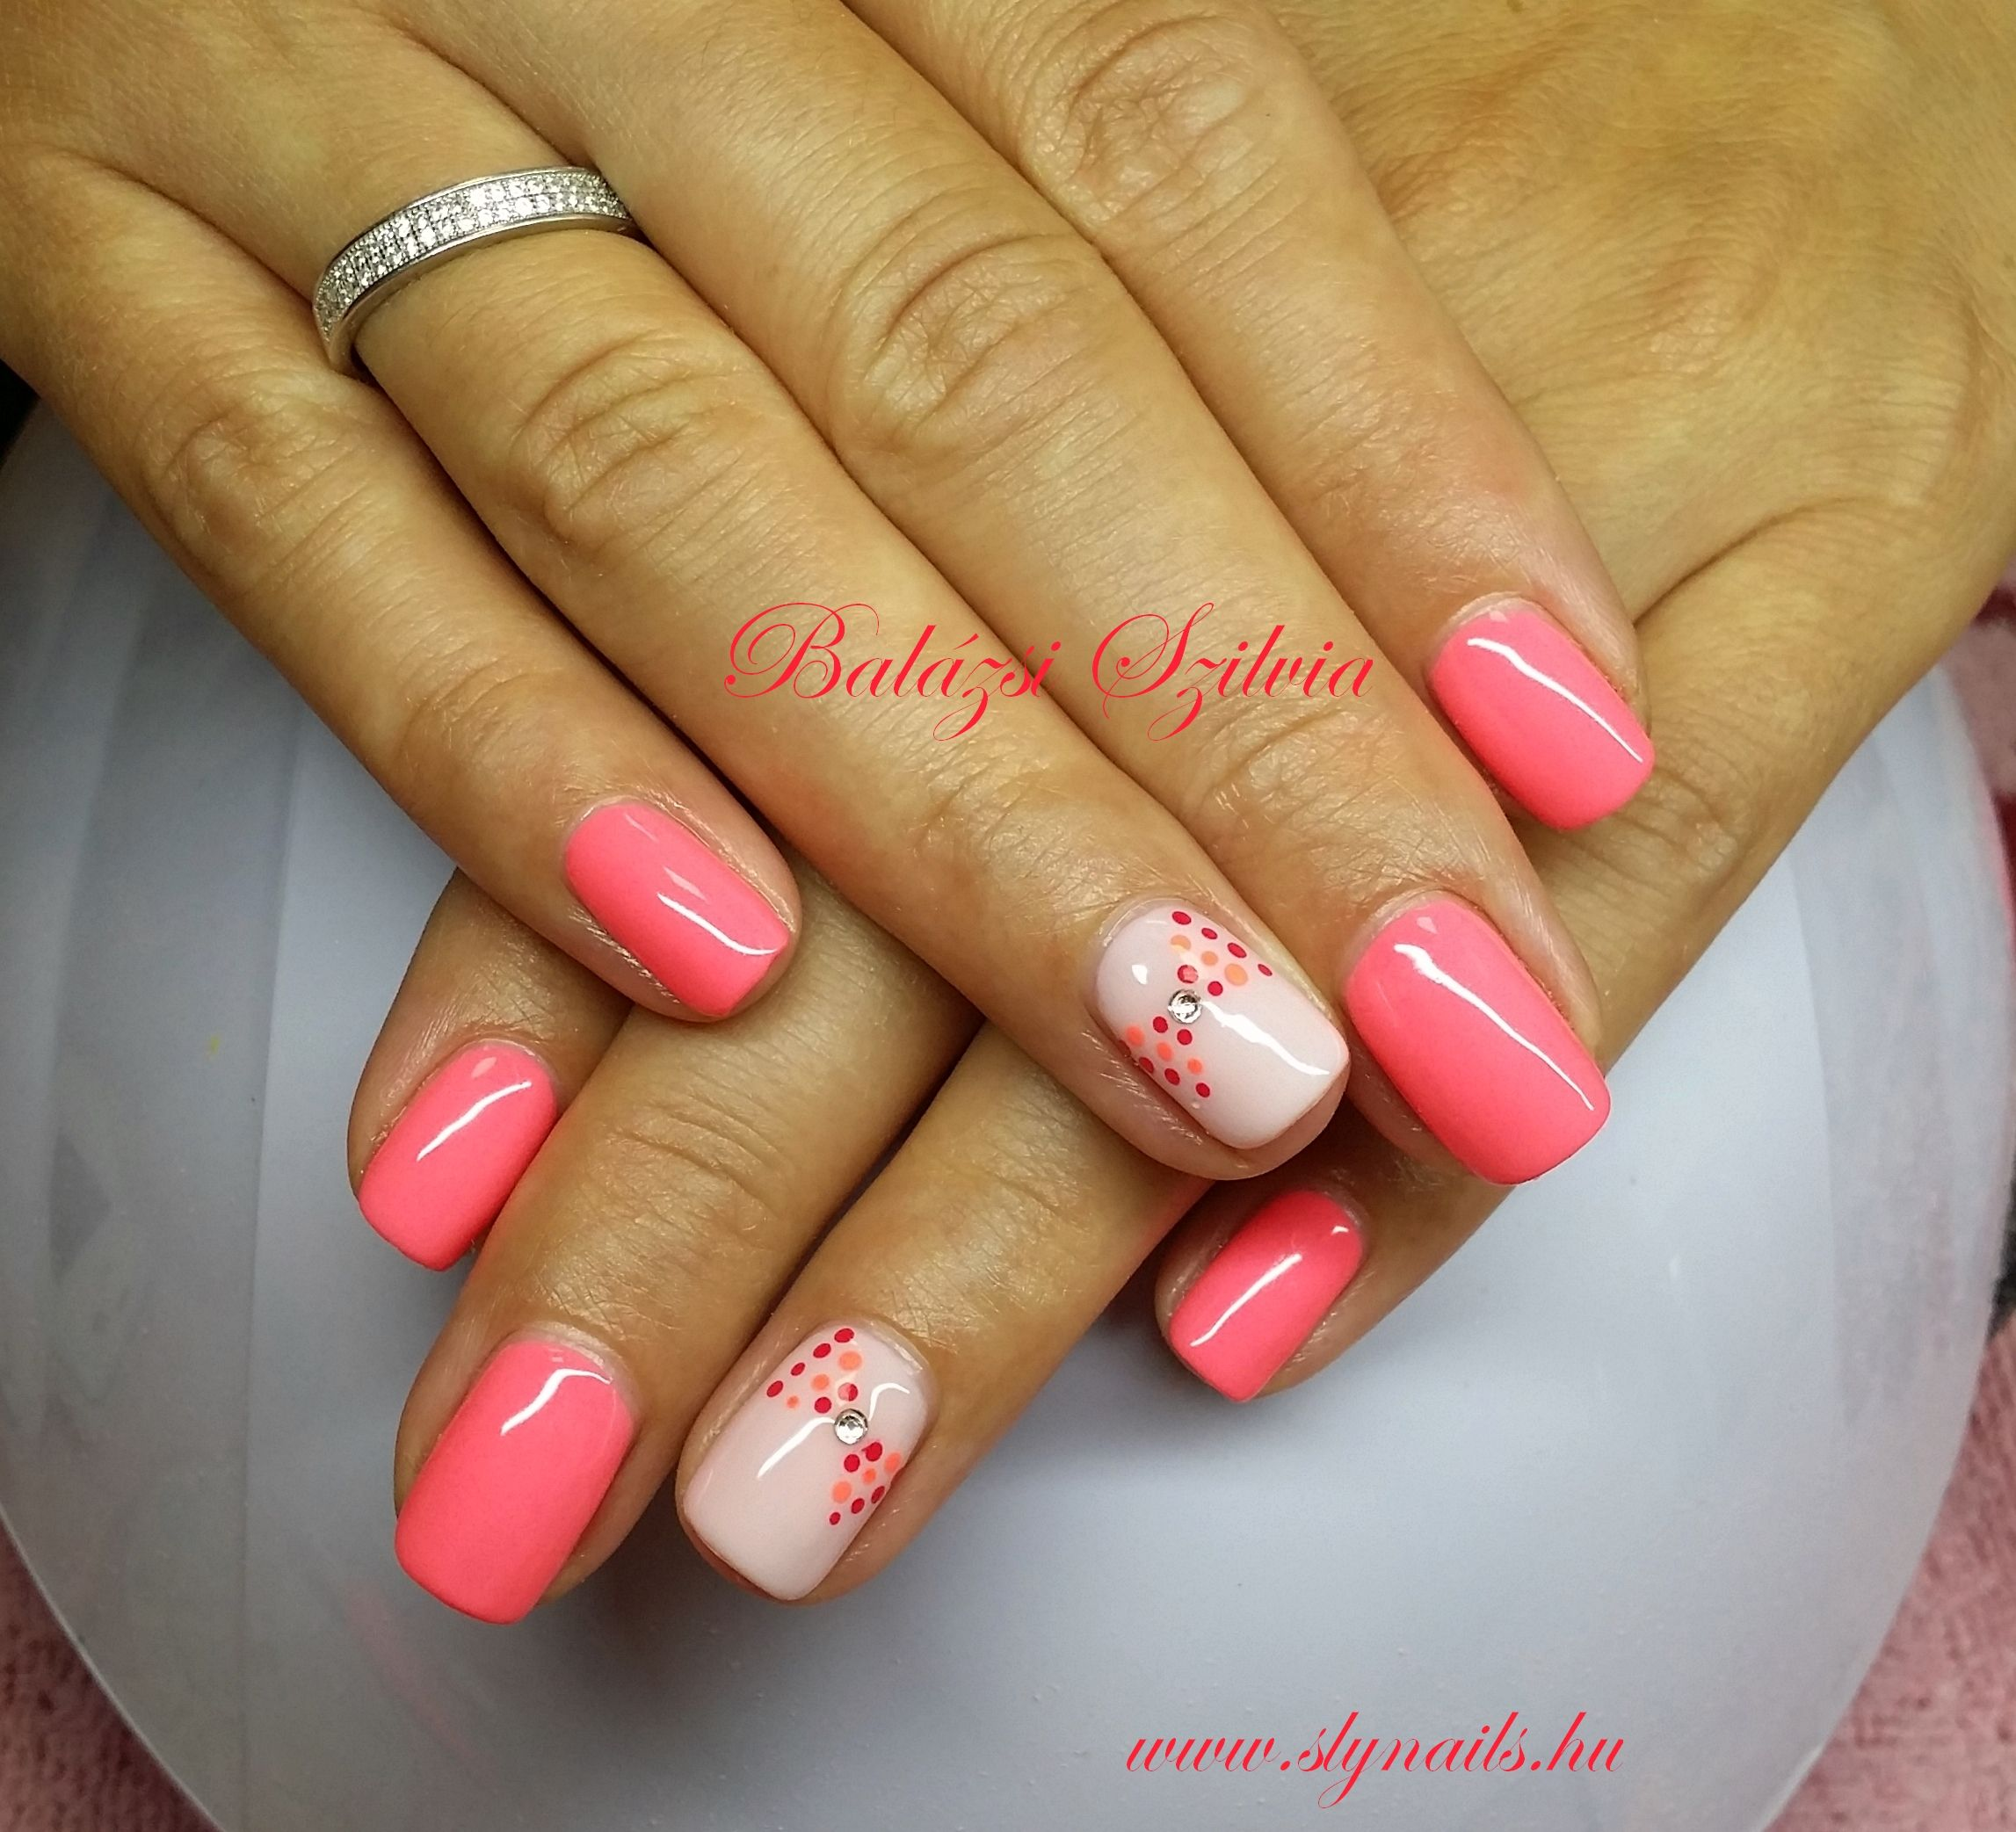 Neon Pink Gel Lakk Pink Nails Pretty Acrylic Nails Floral Nails